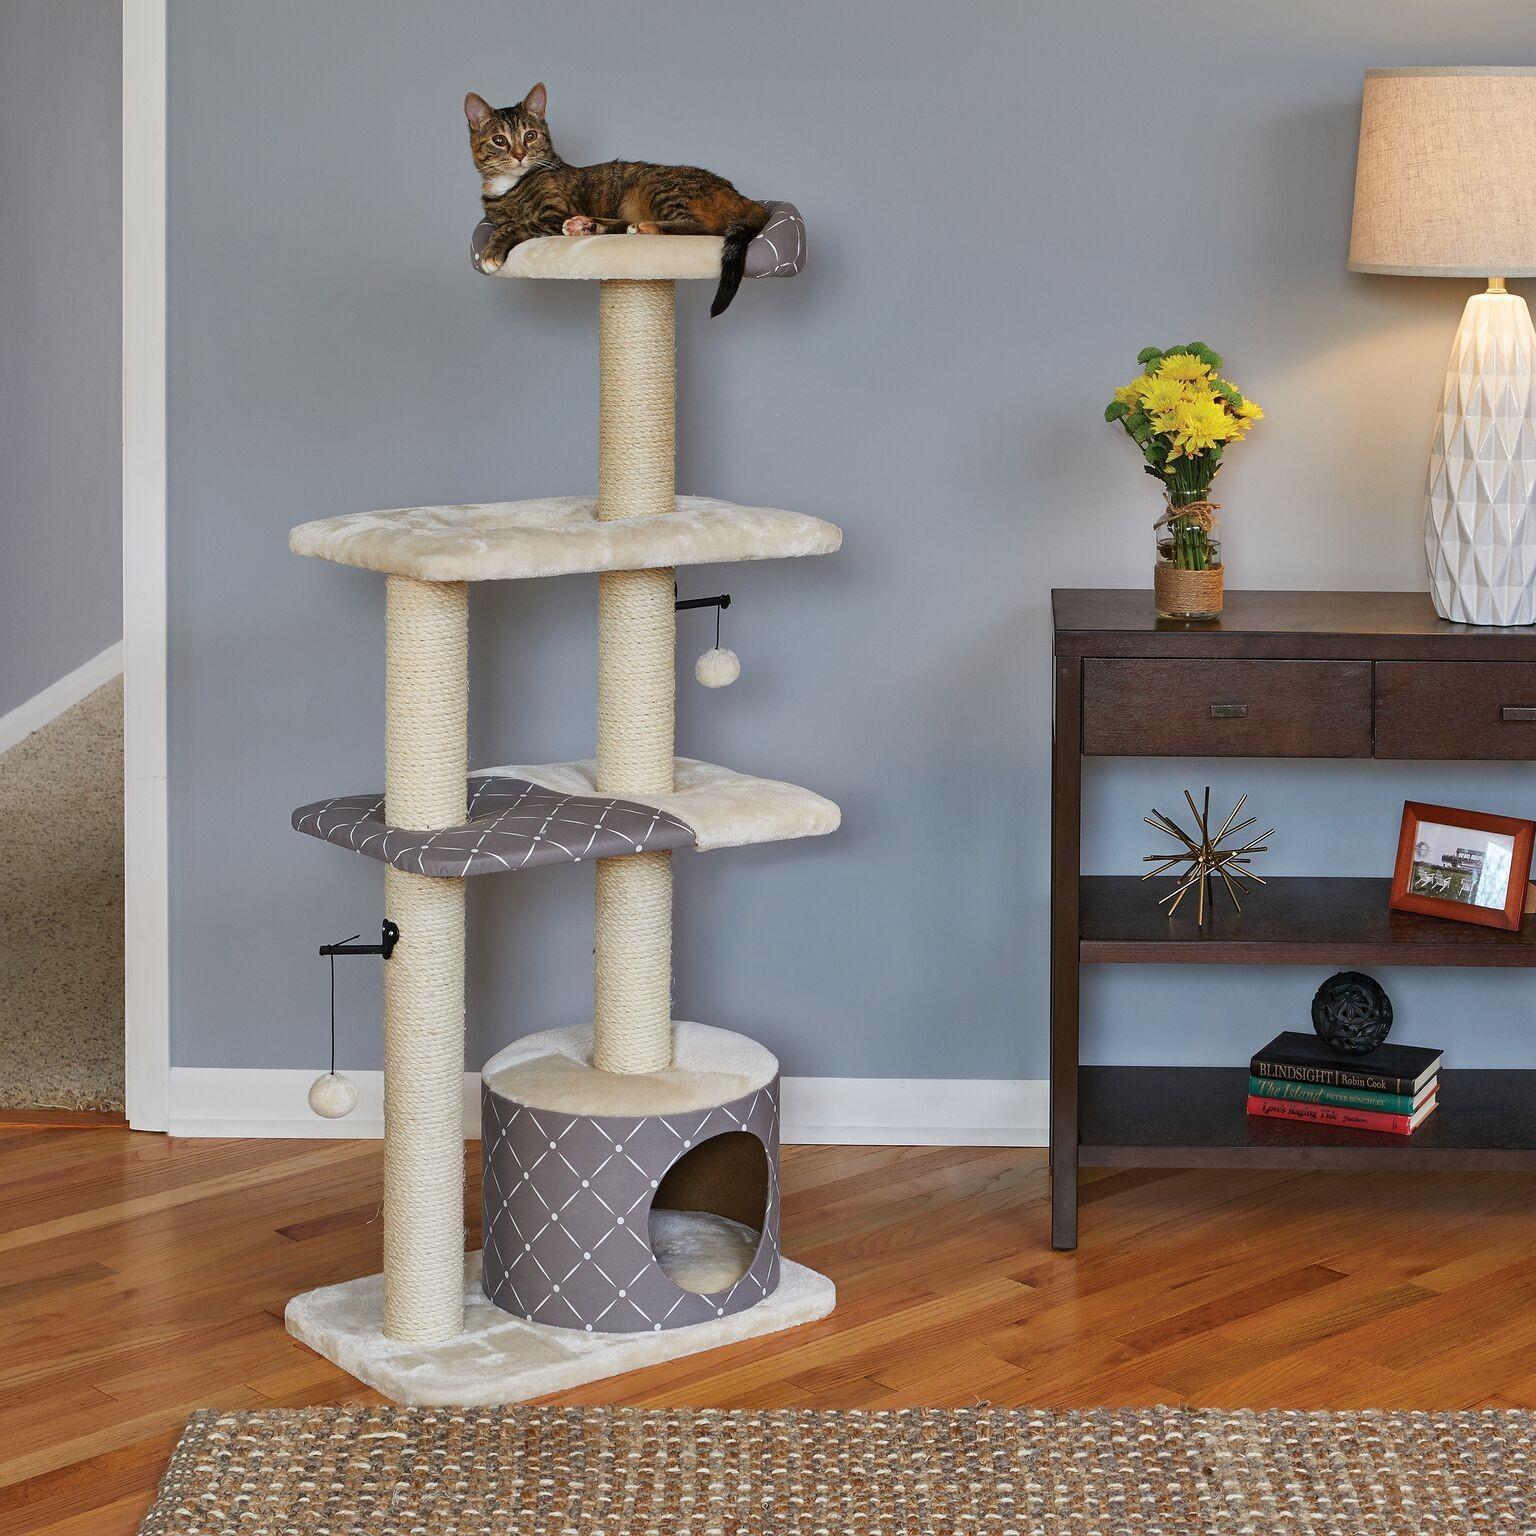 """Midwest Feline Nuvo Tower Cat Furniture Mushroom 22"""" x 15"""" x 50.5"""" - 138T-MRD"""